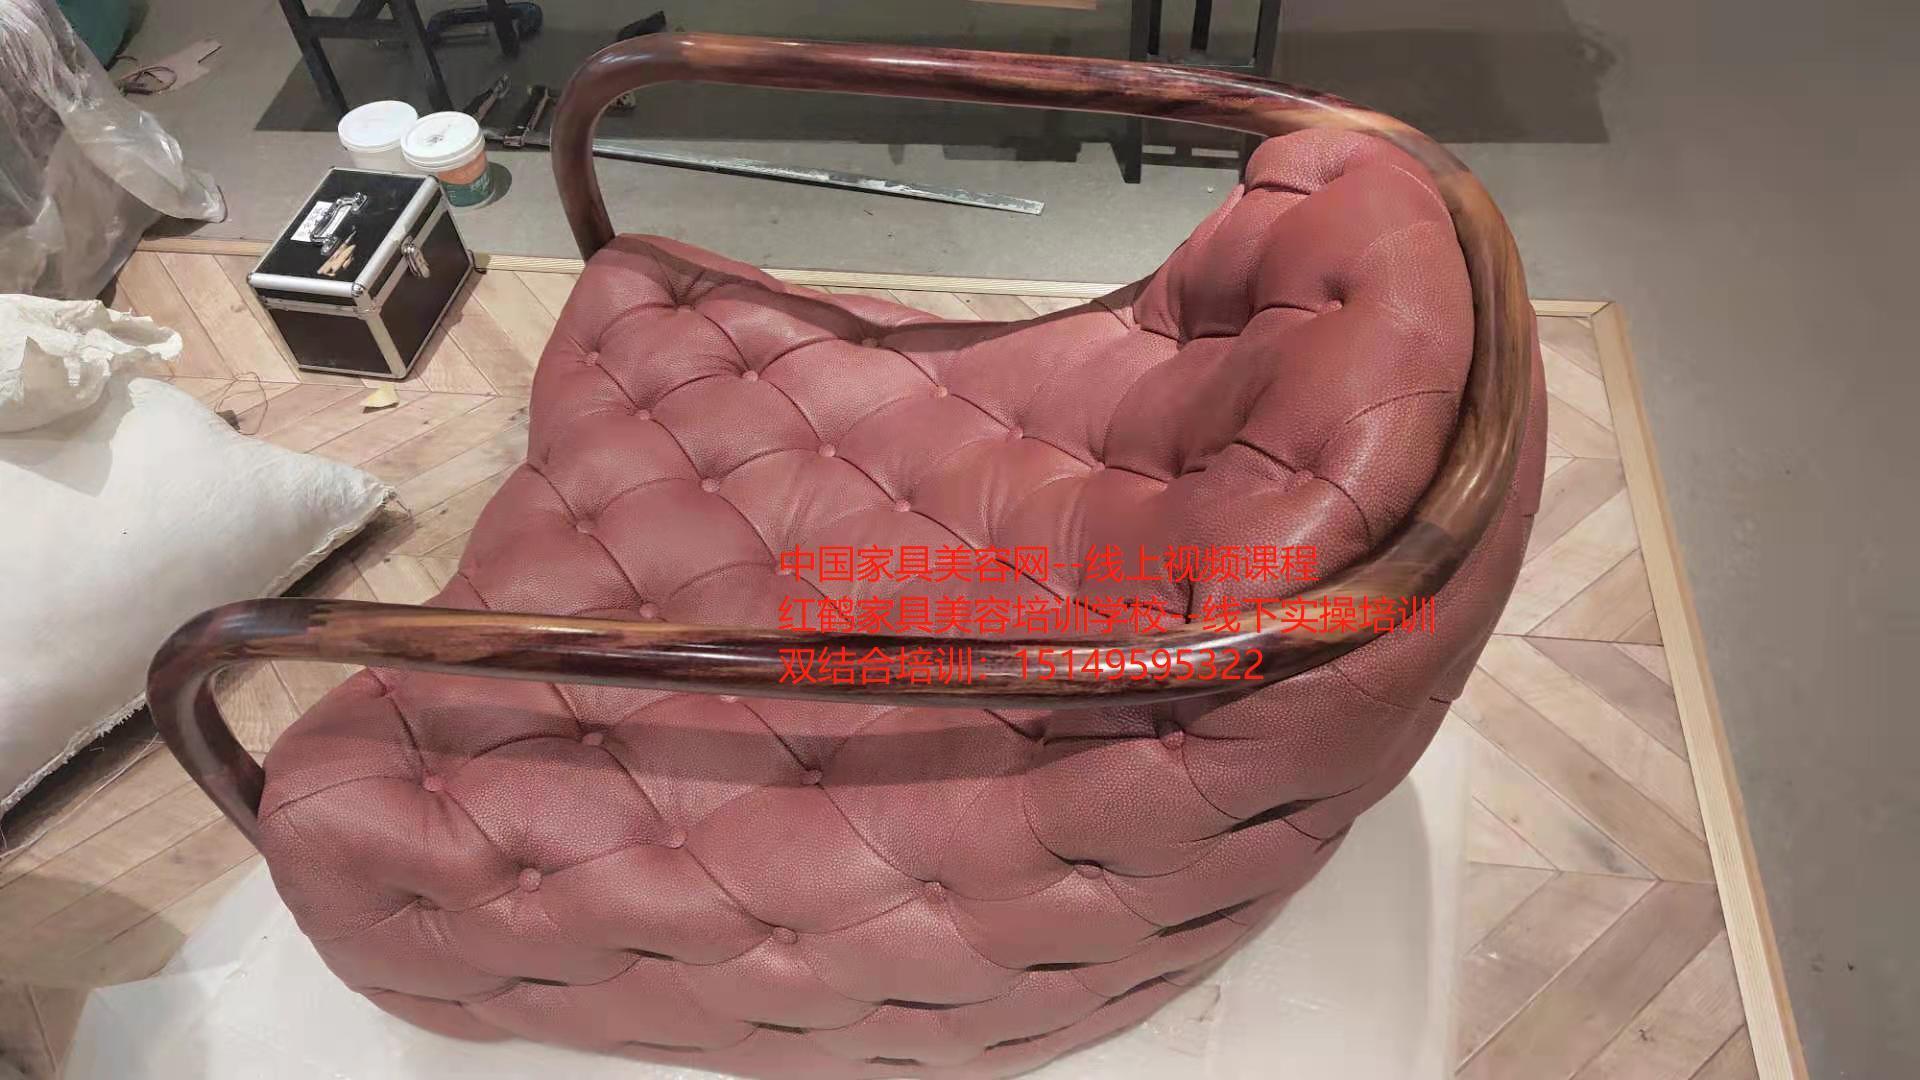 家具美容修复技术-简单介绍沙发皮革皮具划痕和修复的方法-家具美容网